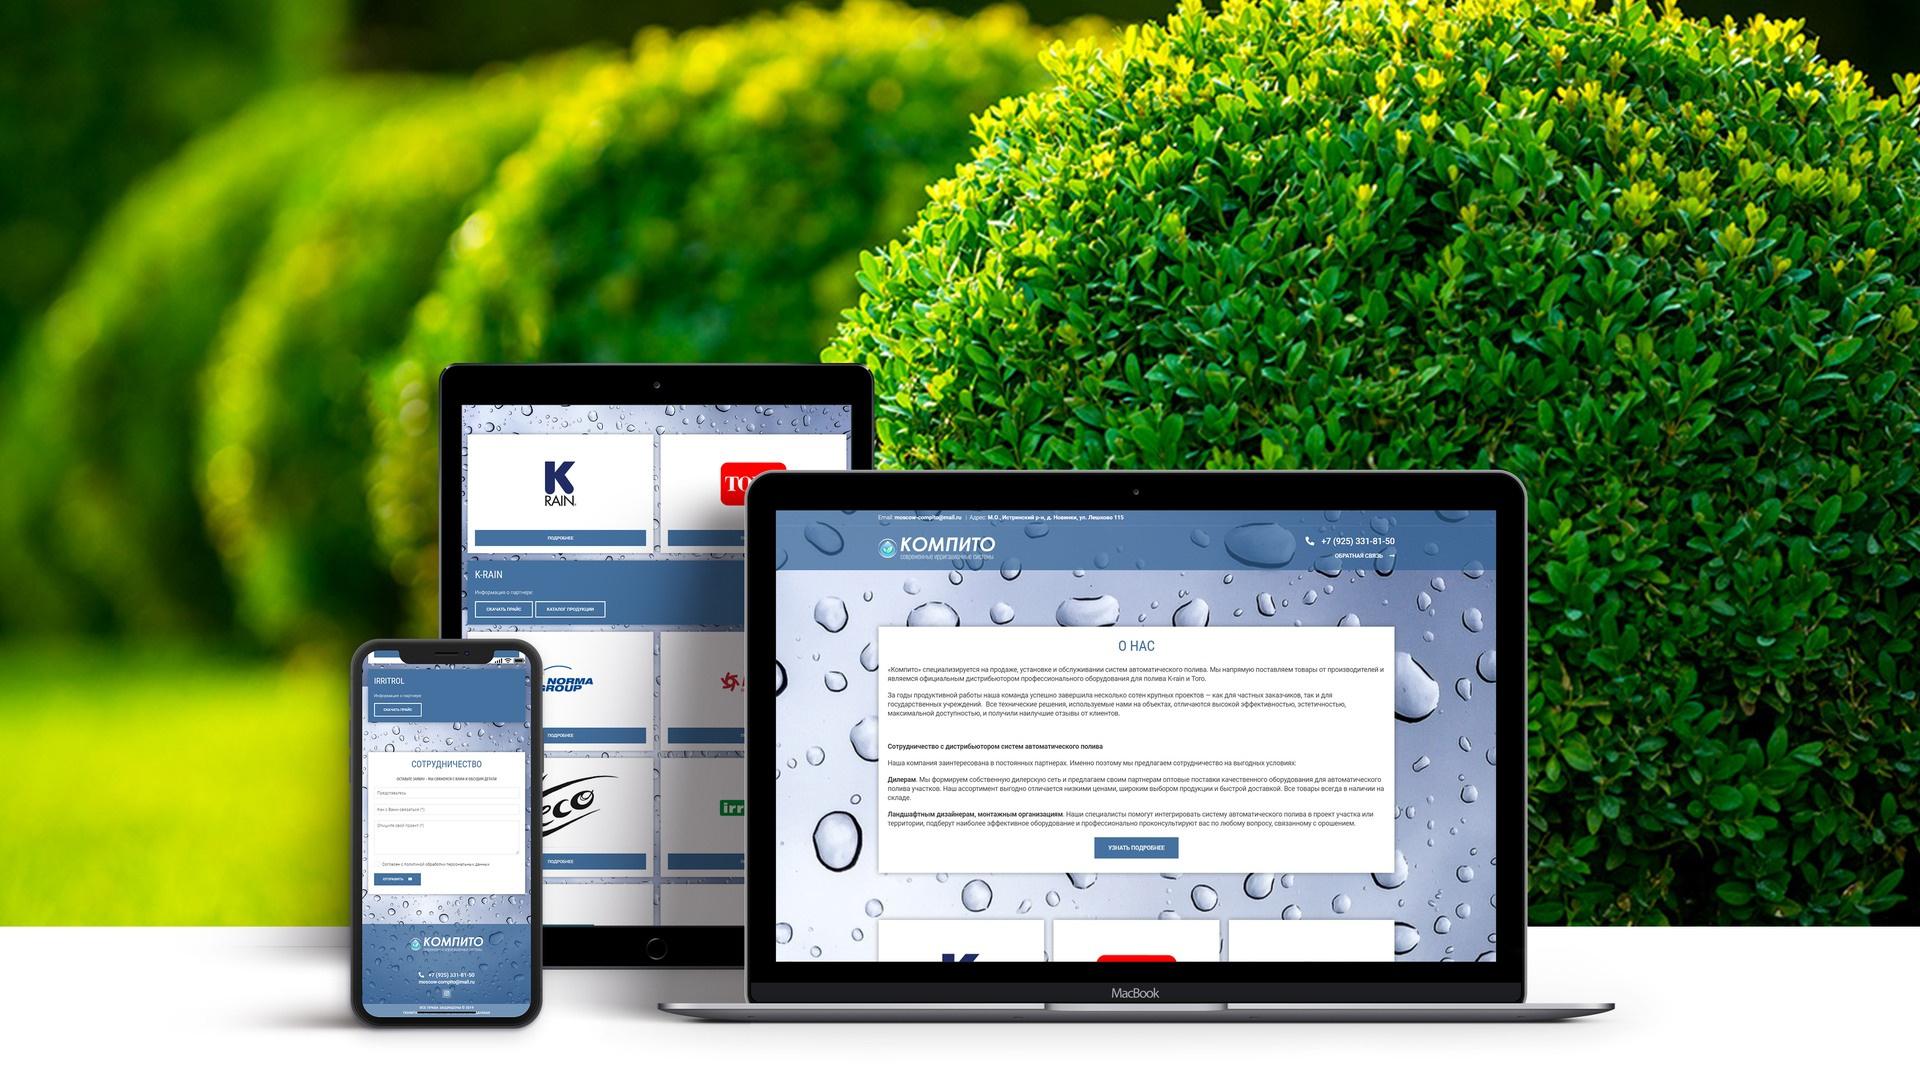 Всемирная паутина, Интернет, Ноутбук, Экран, Портативная пишущая машинка